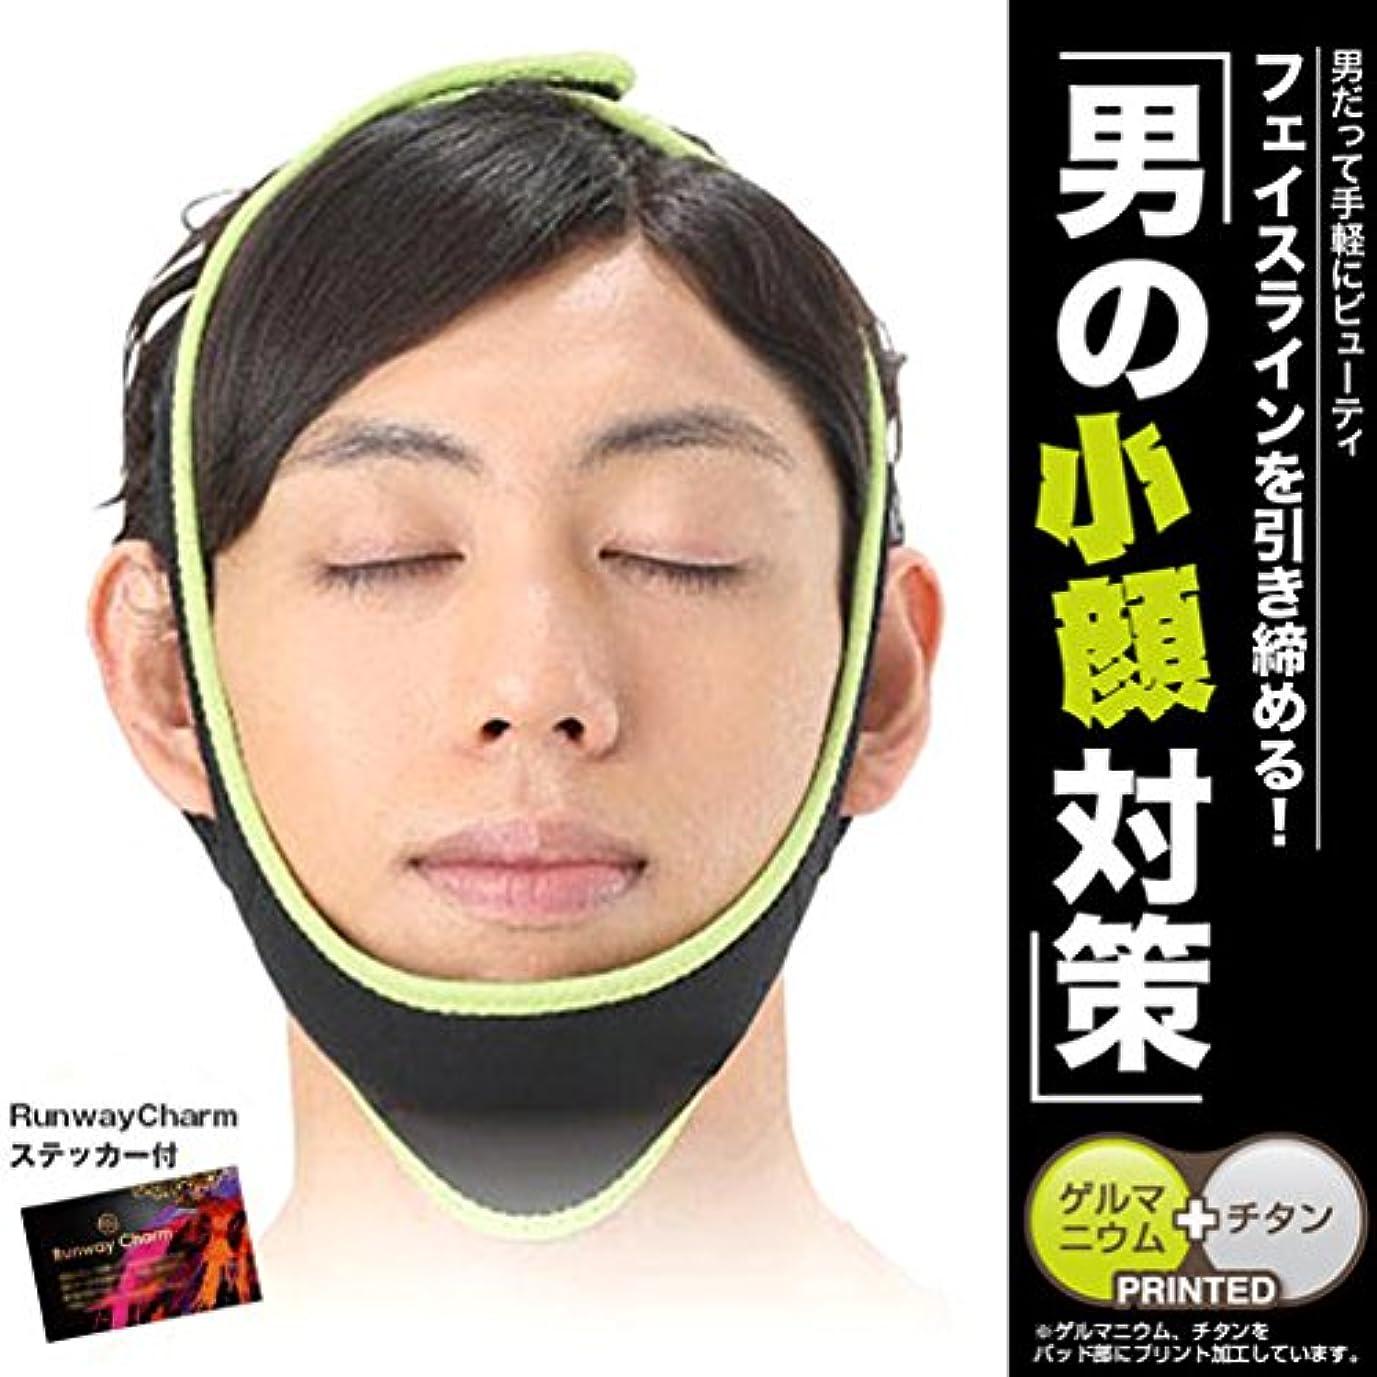 おもてなし主流ジュニアメンズ用 寝ながらゲルマニウム ベルト 男女兼用 こがお たるみ 小顔マスク メンズ 男性用 男用 美顔器 美容グッズ [RCステッカー付]